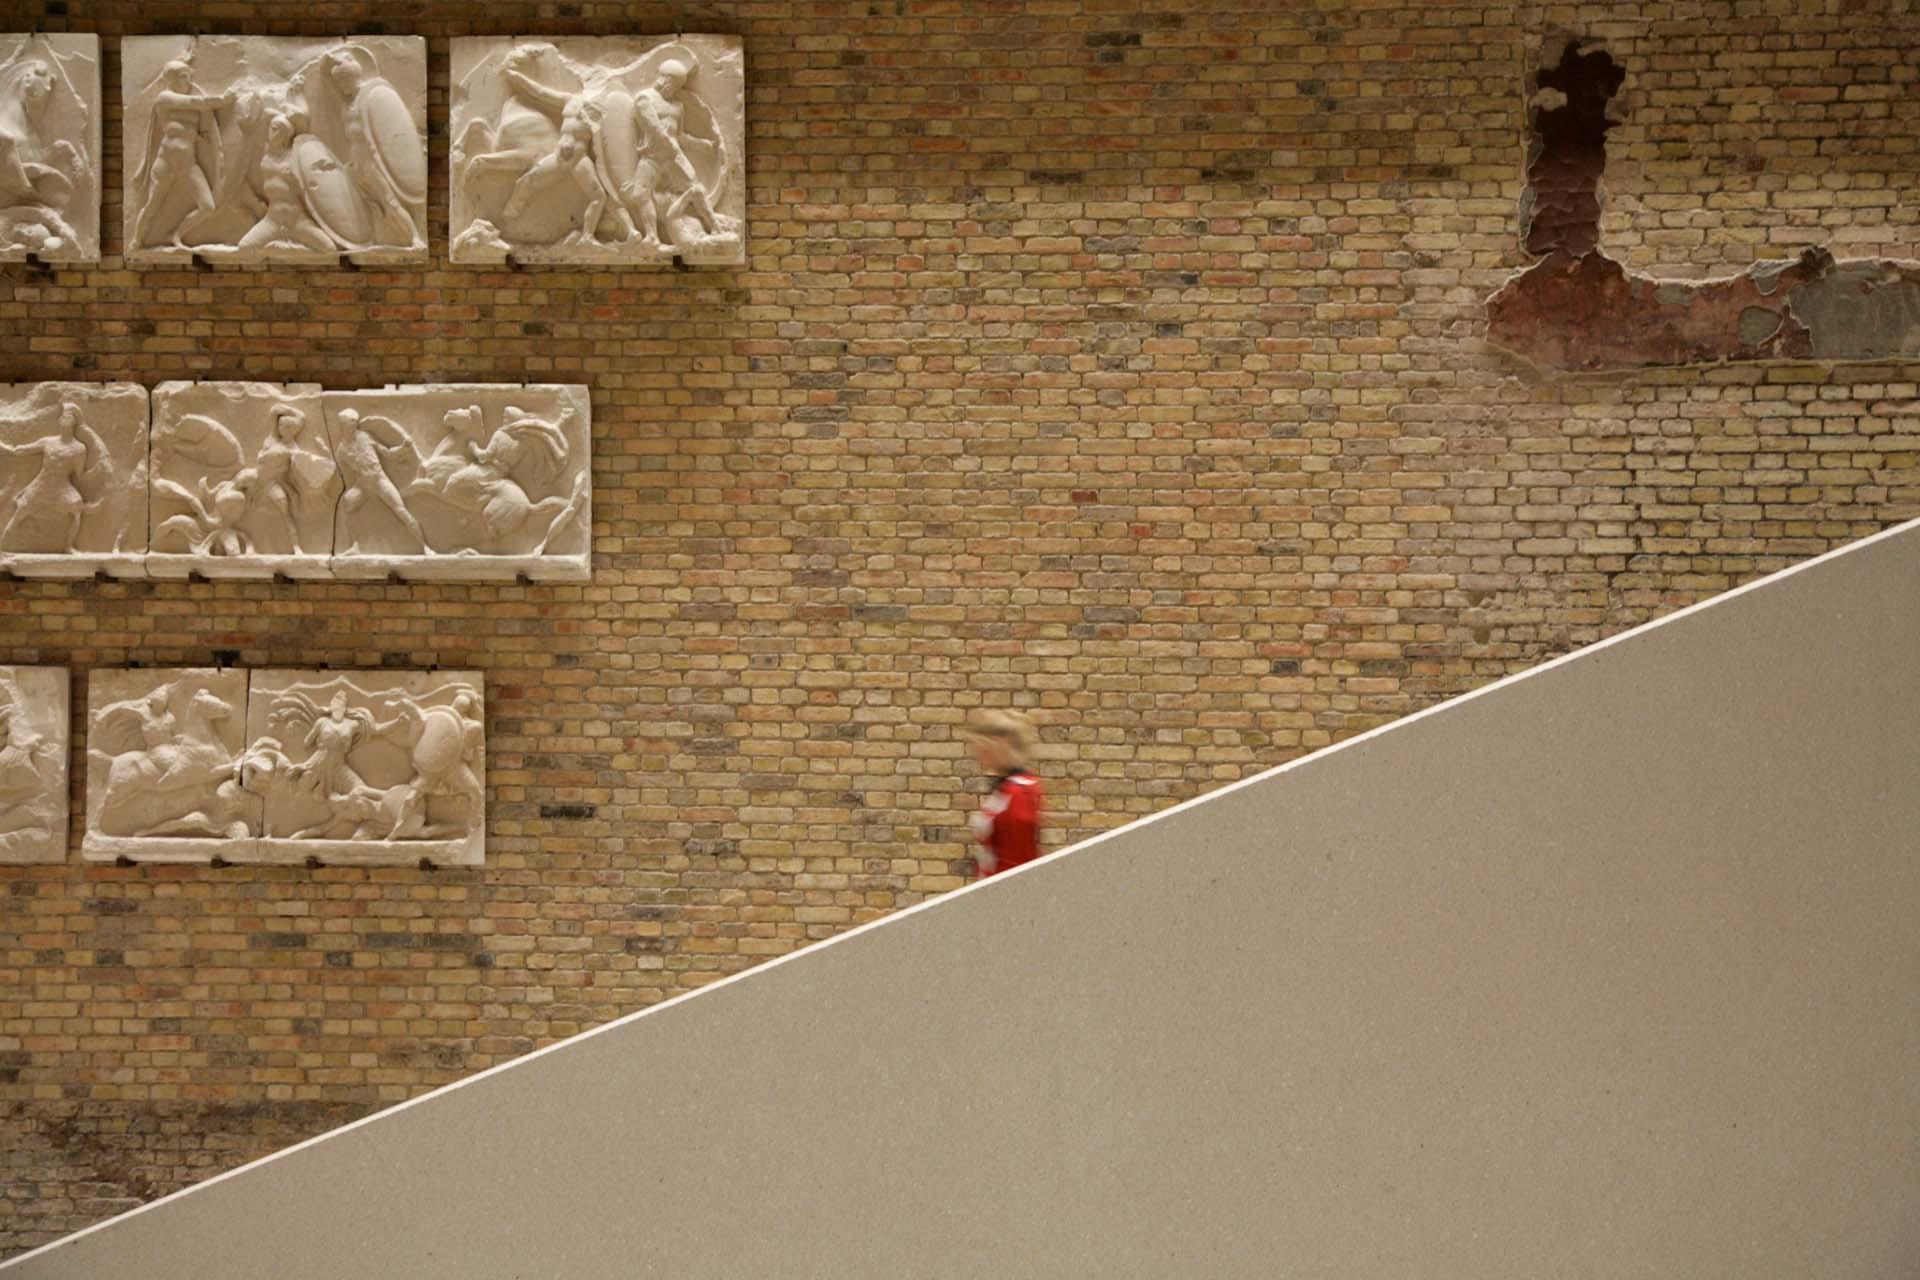 Die große Treppe im Eingangsbereich ist neben der Nofretete der Besuchermagnet des Neuen Museum in Berlin.